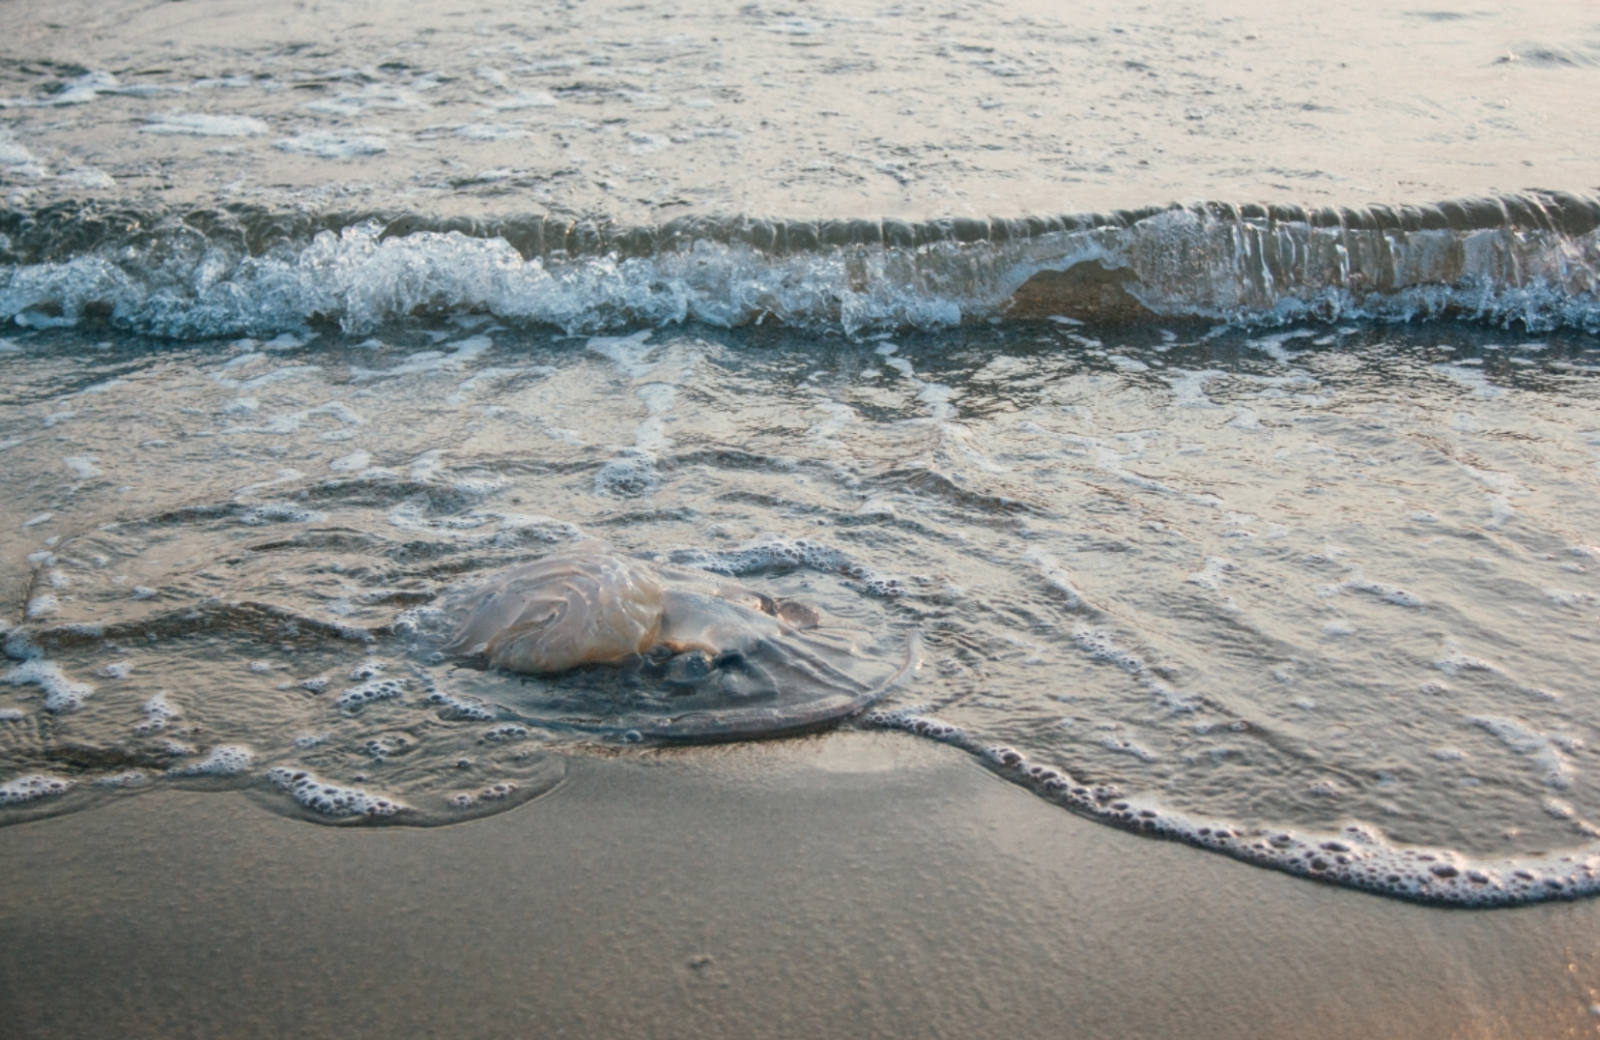 Đừng chạm vào các sinh vật, nếu thấy chúng trôi dạt trên bãi biển. Nguồn: Pexels